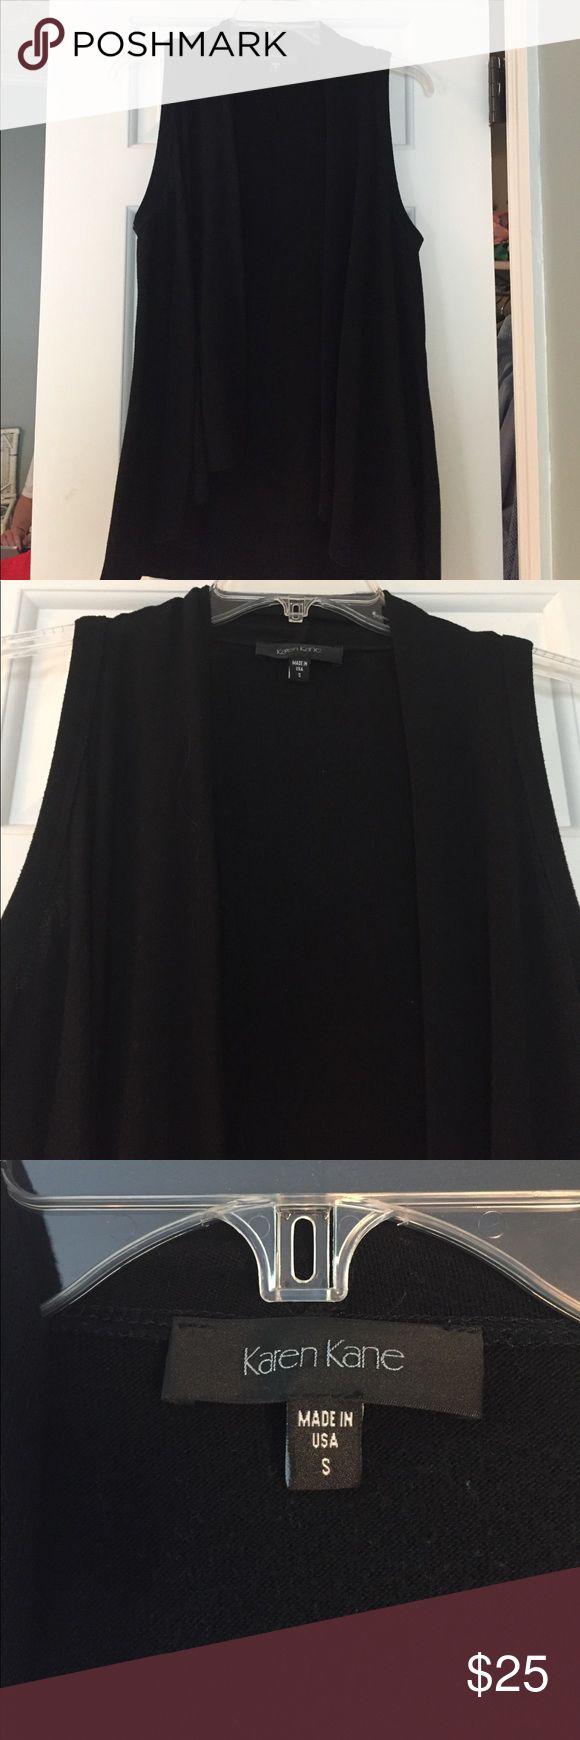 Karen Kane Sleeveless Black Vest Sleeveless vest, great length. 62% Polyester, 33% Rayon and 5% Spandex. Karen Kane Tops